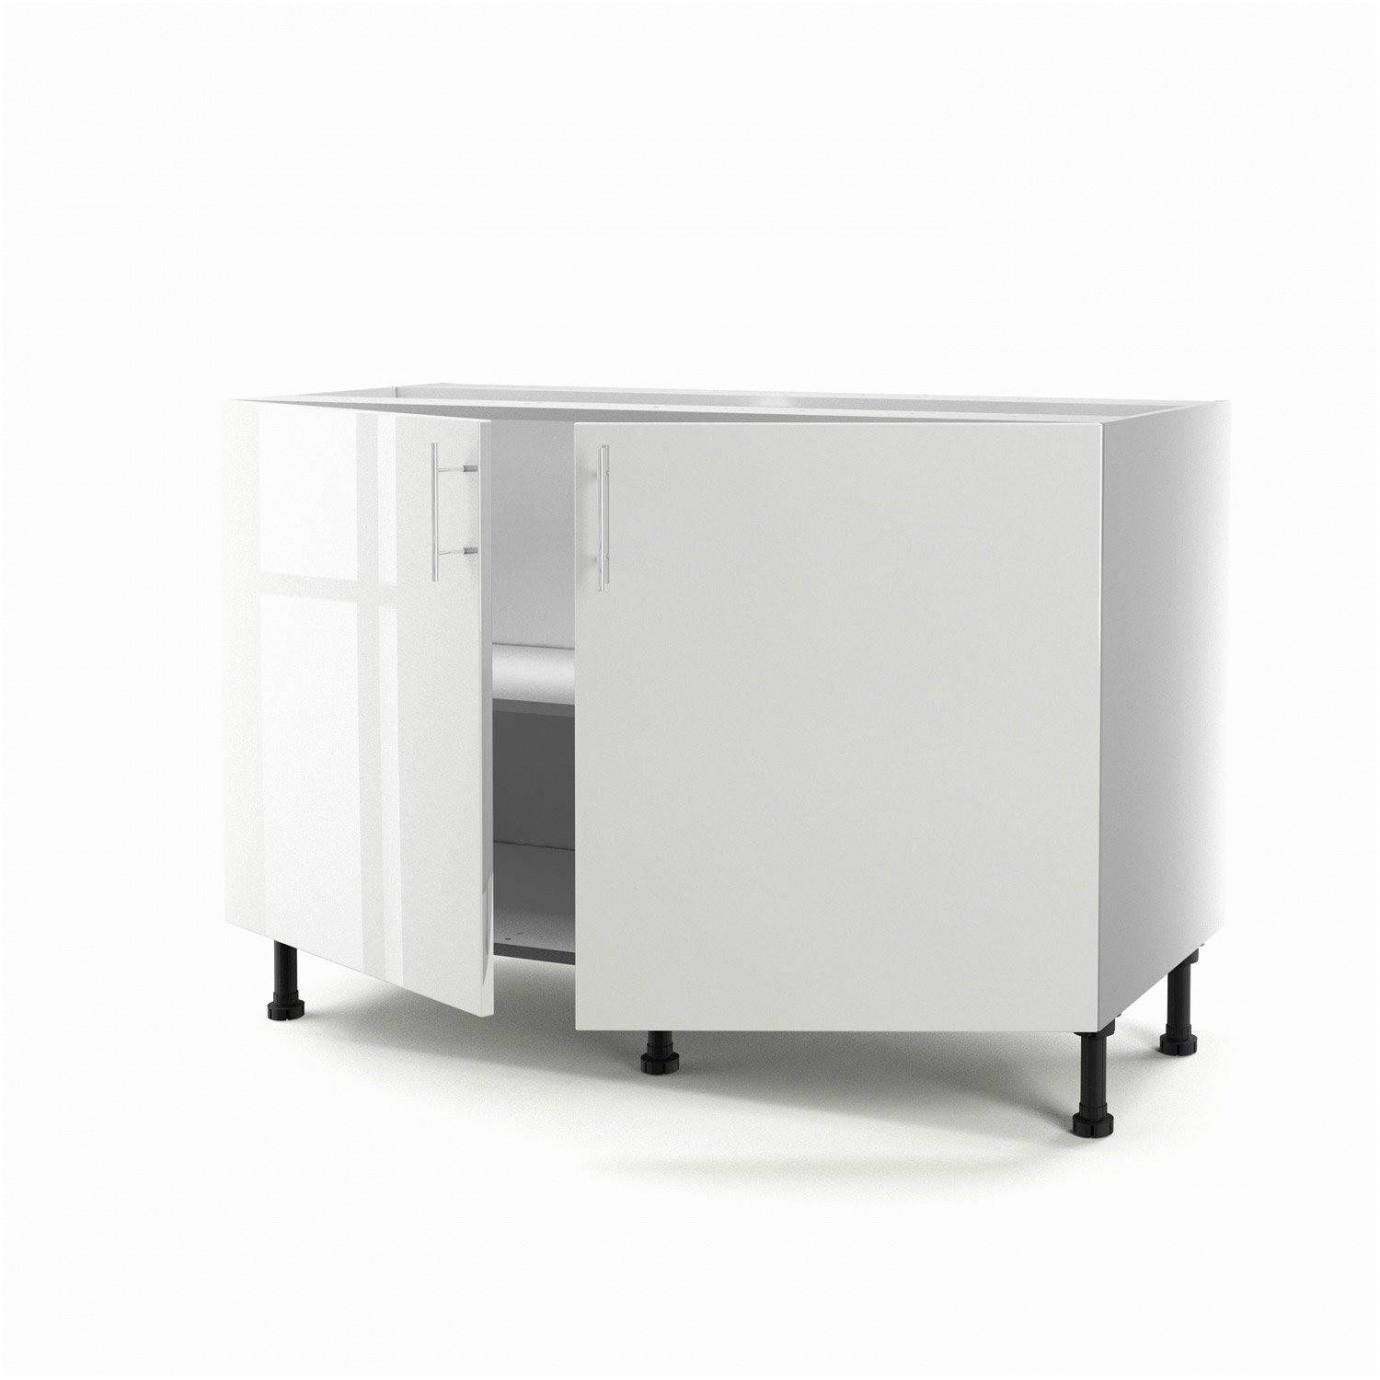 Destock Meubles Chinois Four En Angle Dans Cuisine Ikea 30 destiné Meuble Braun Offenburg